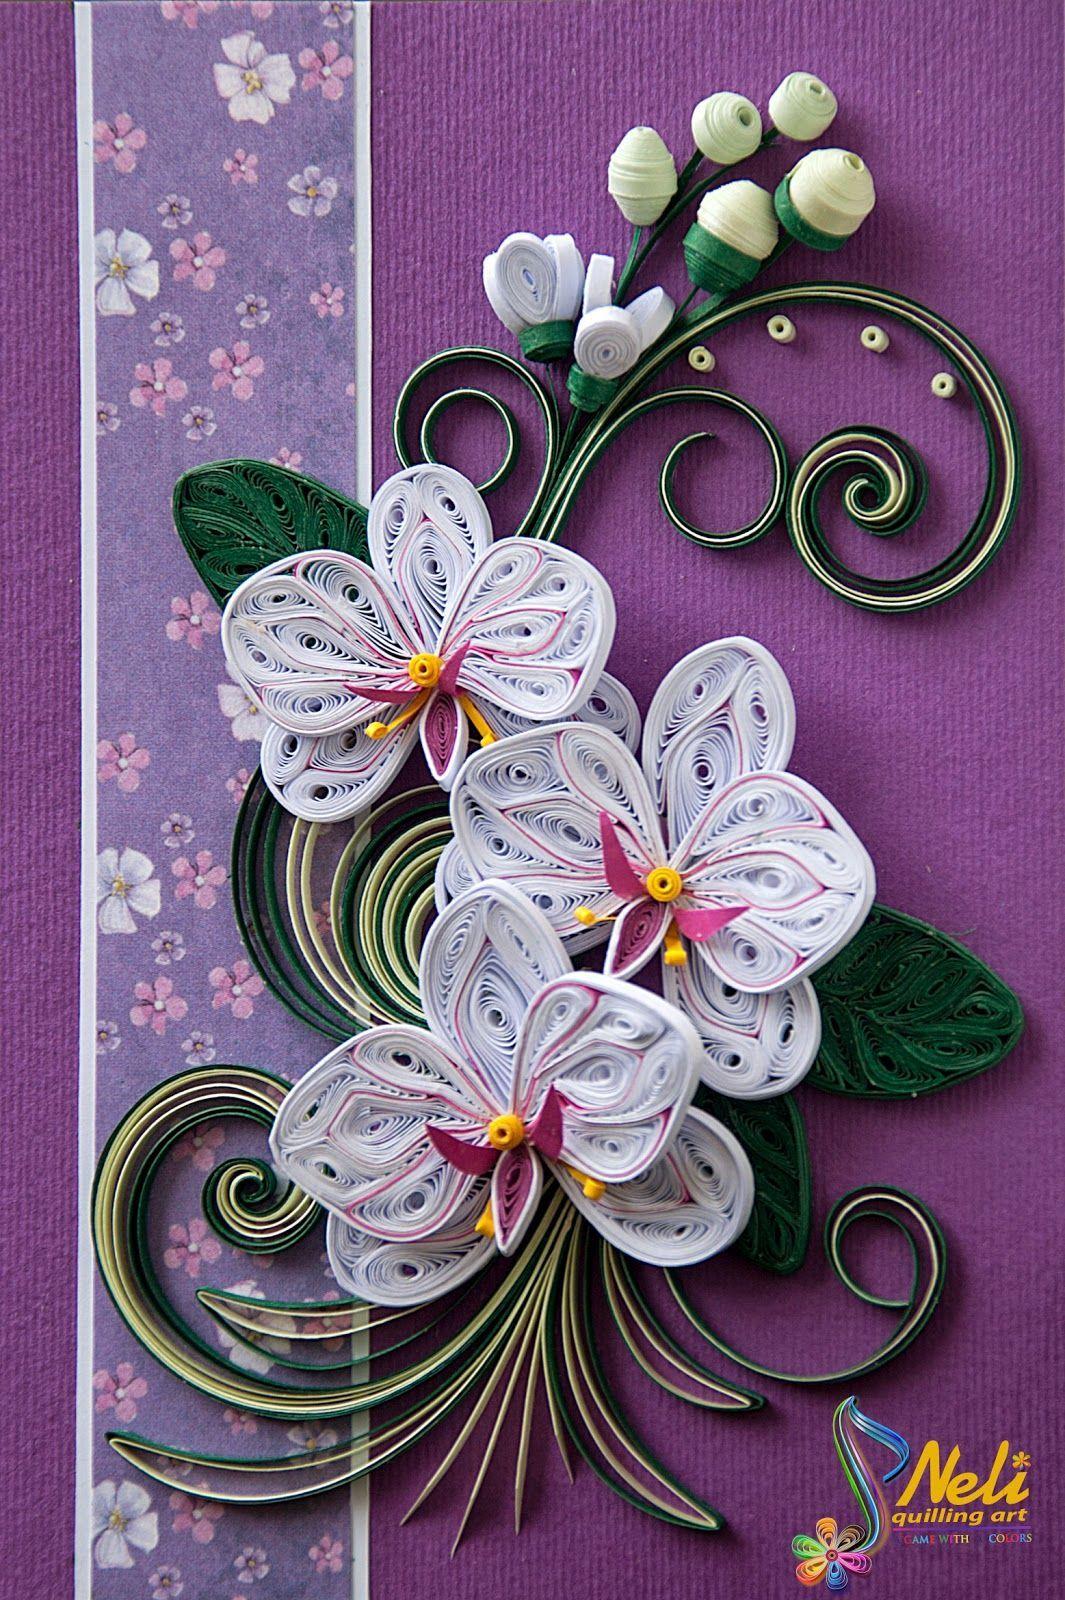 Neli Quilling Art Quilling Card 14 8 Cm 10 5 Cm Beautiful